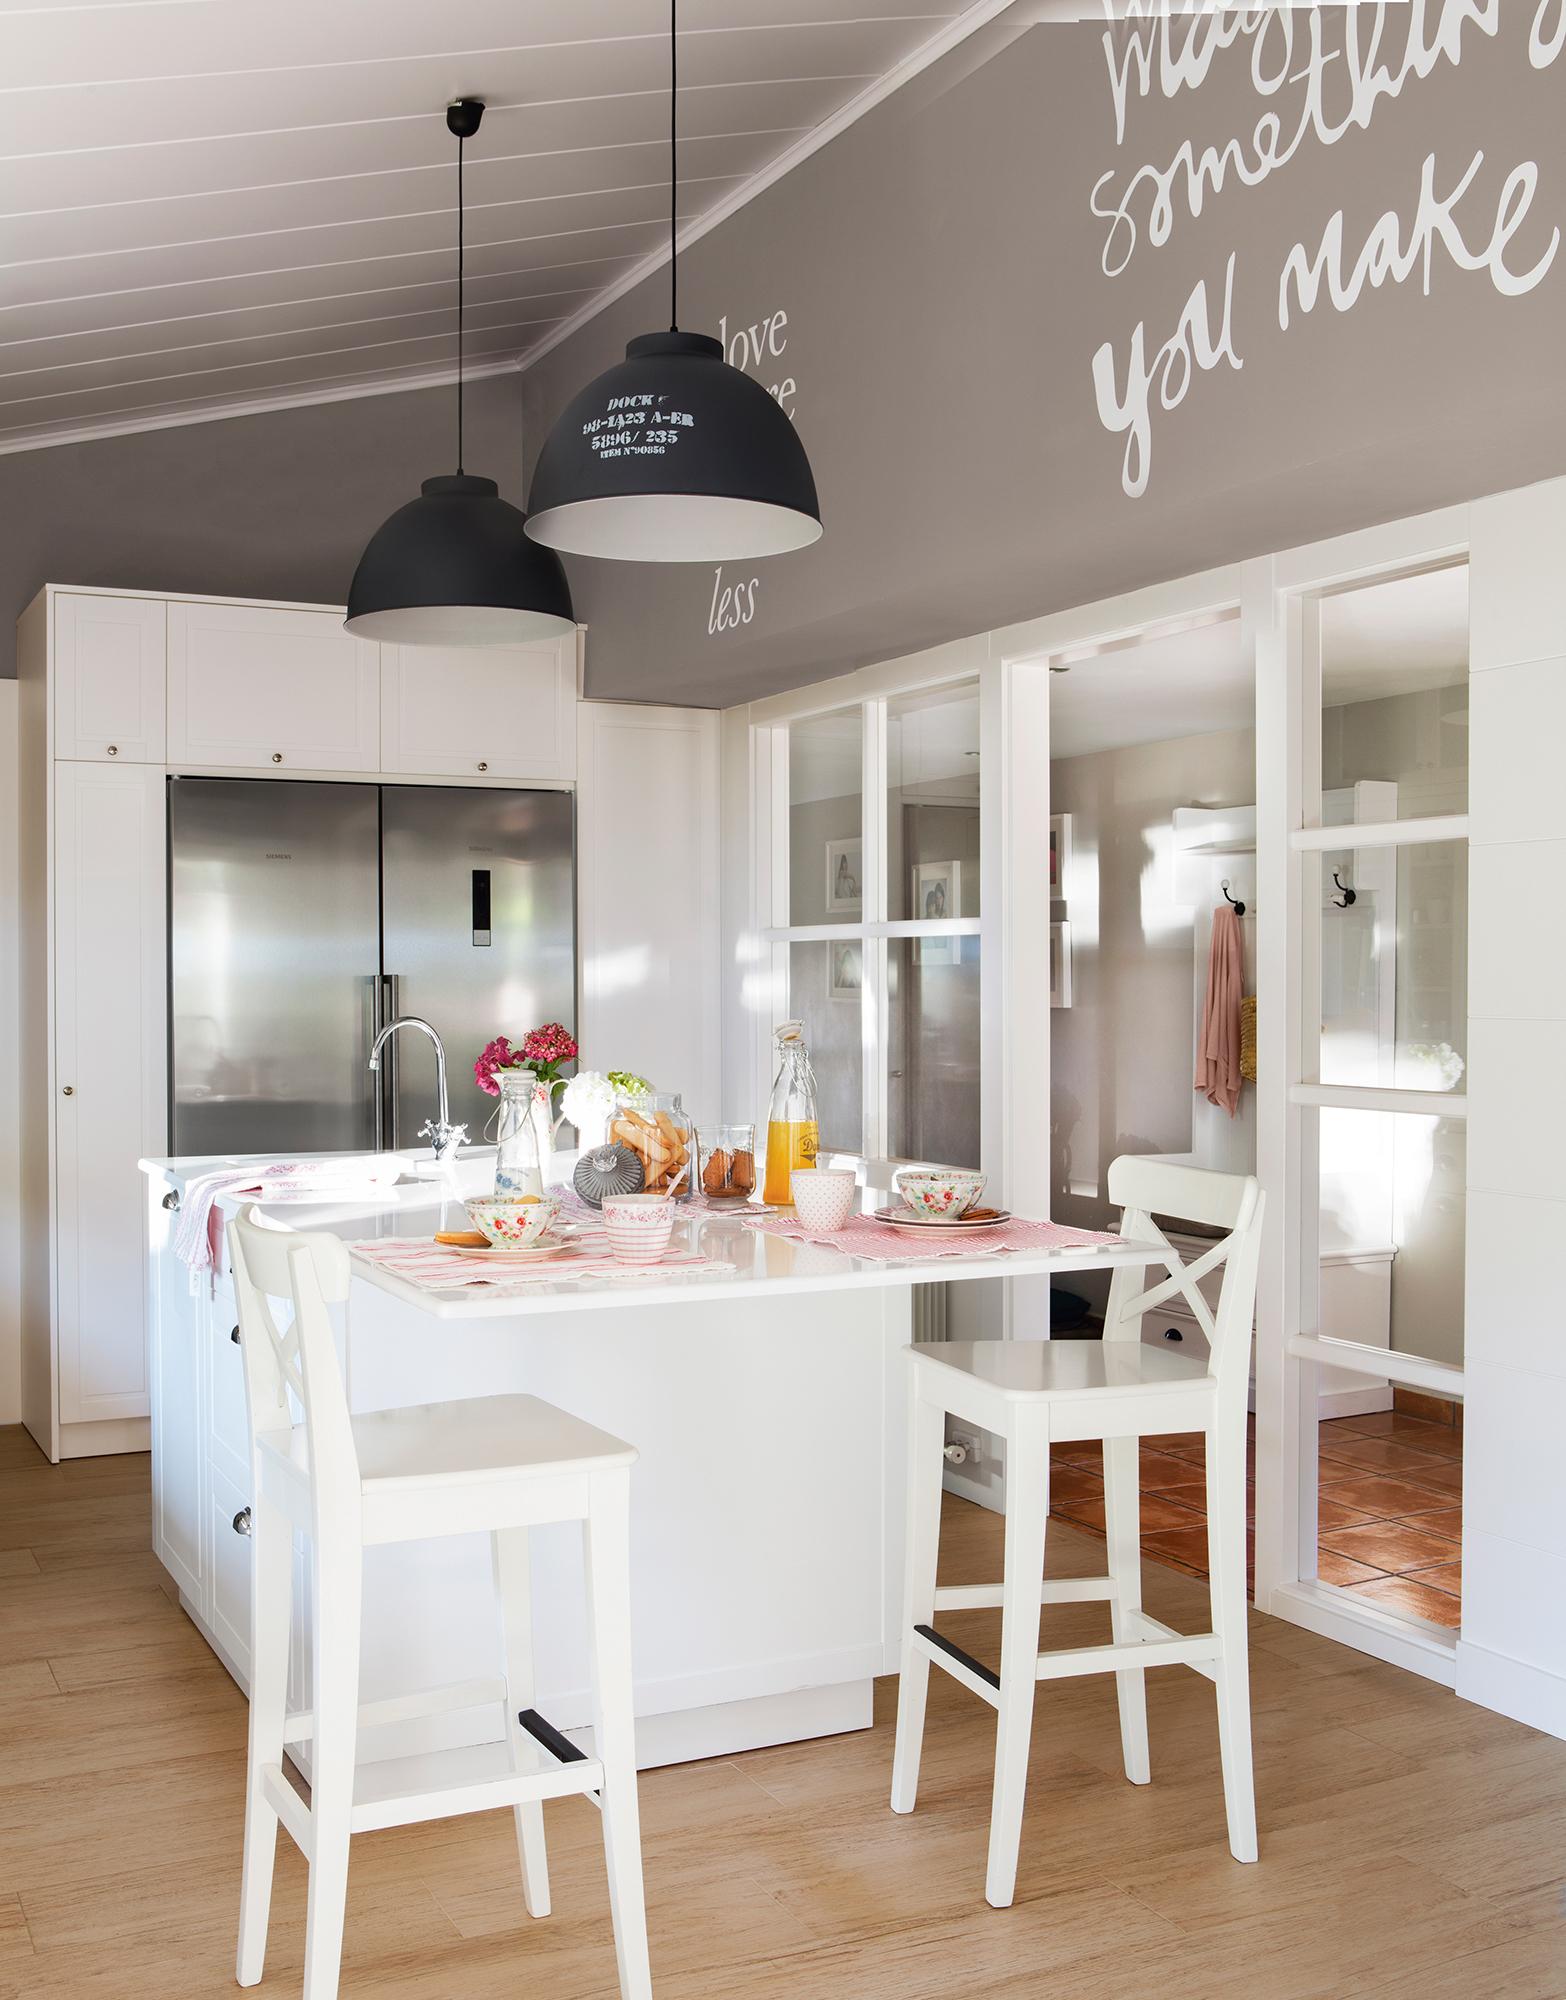 Muebles de cocina elmueble for Taburetes isla cocina